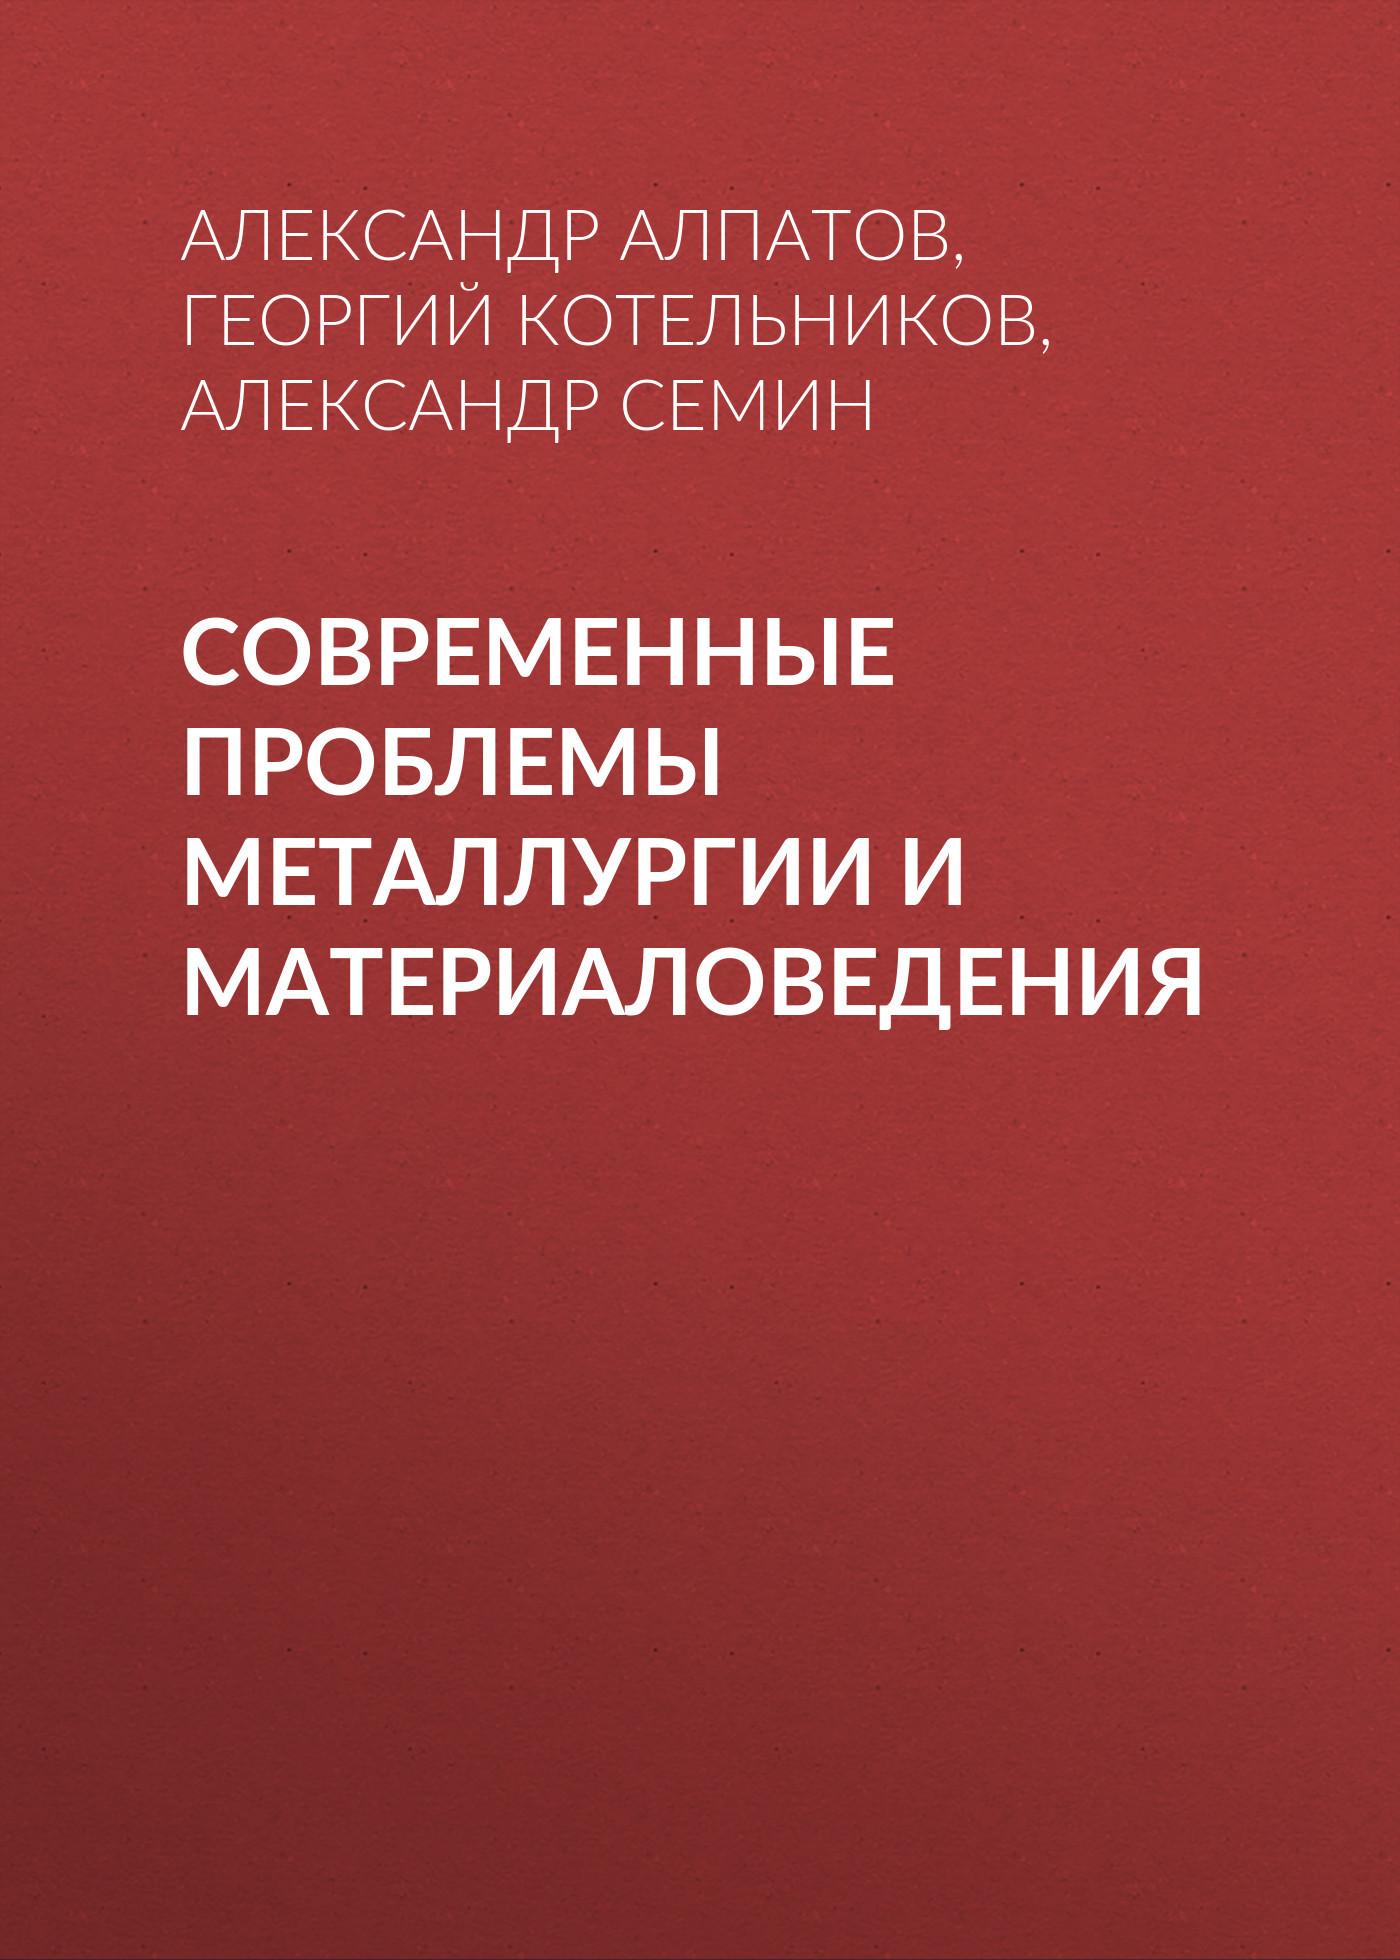 Александр Семин Современные проблемы металлургии и материаловедения